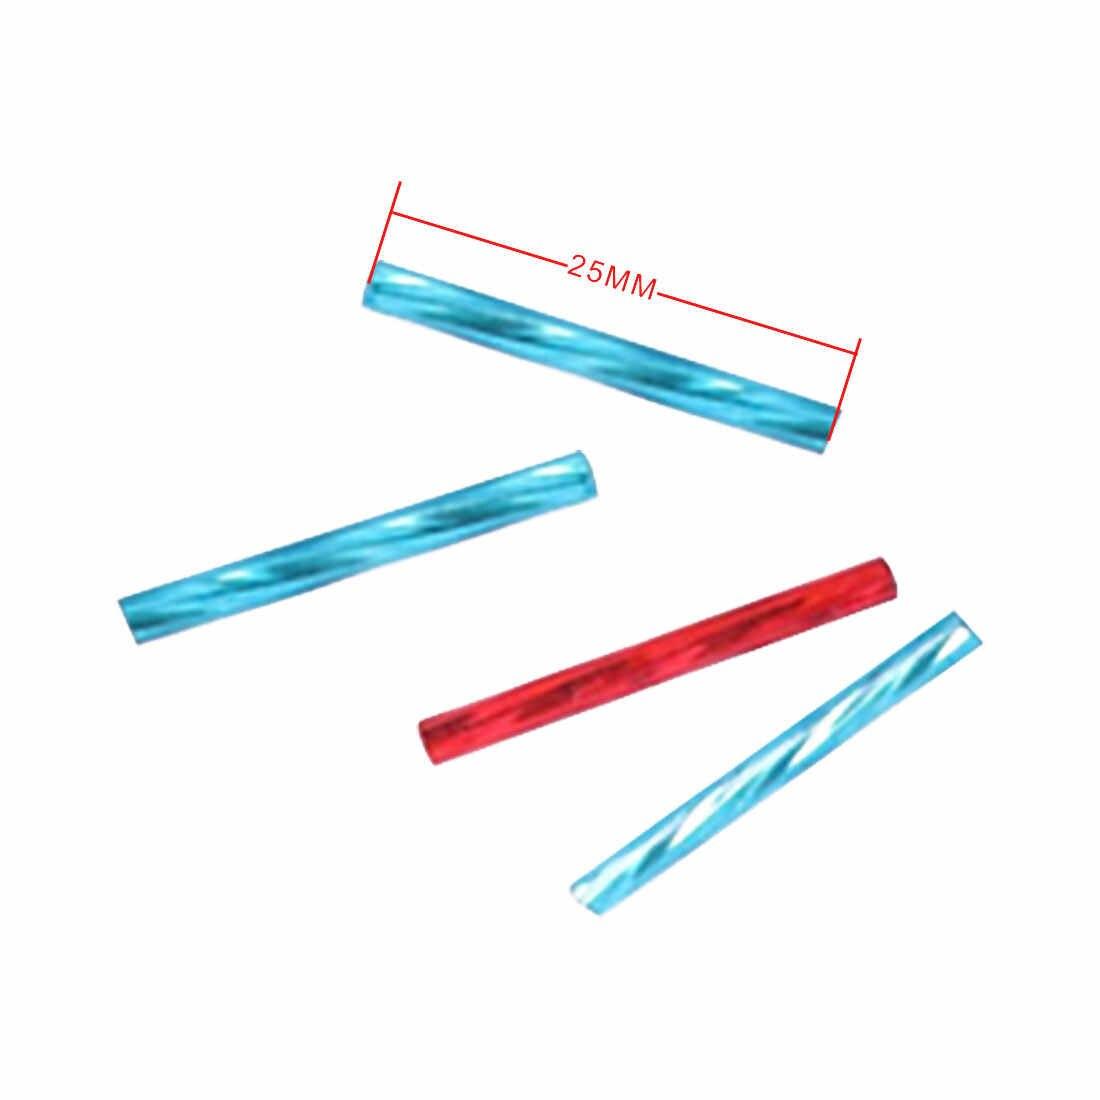 100 ชิ้น/เซ็ต 2.5 มม.* 25 มมภาษาเช็คคำ Twist Bugles 0/8 แก้วหลอดลูกปัดสำหรับเครื่องประดับทำ, ผู้หญิง DIY เย็บเสื้อผ้าอุปกรณ์เสริม